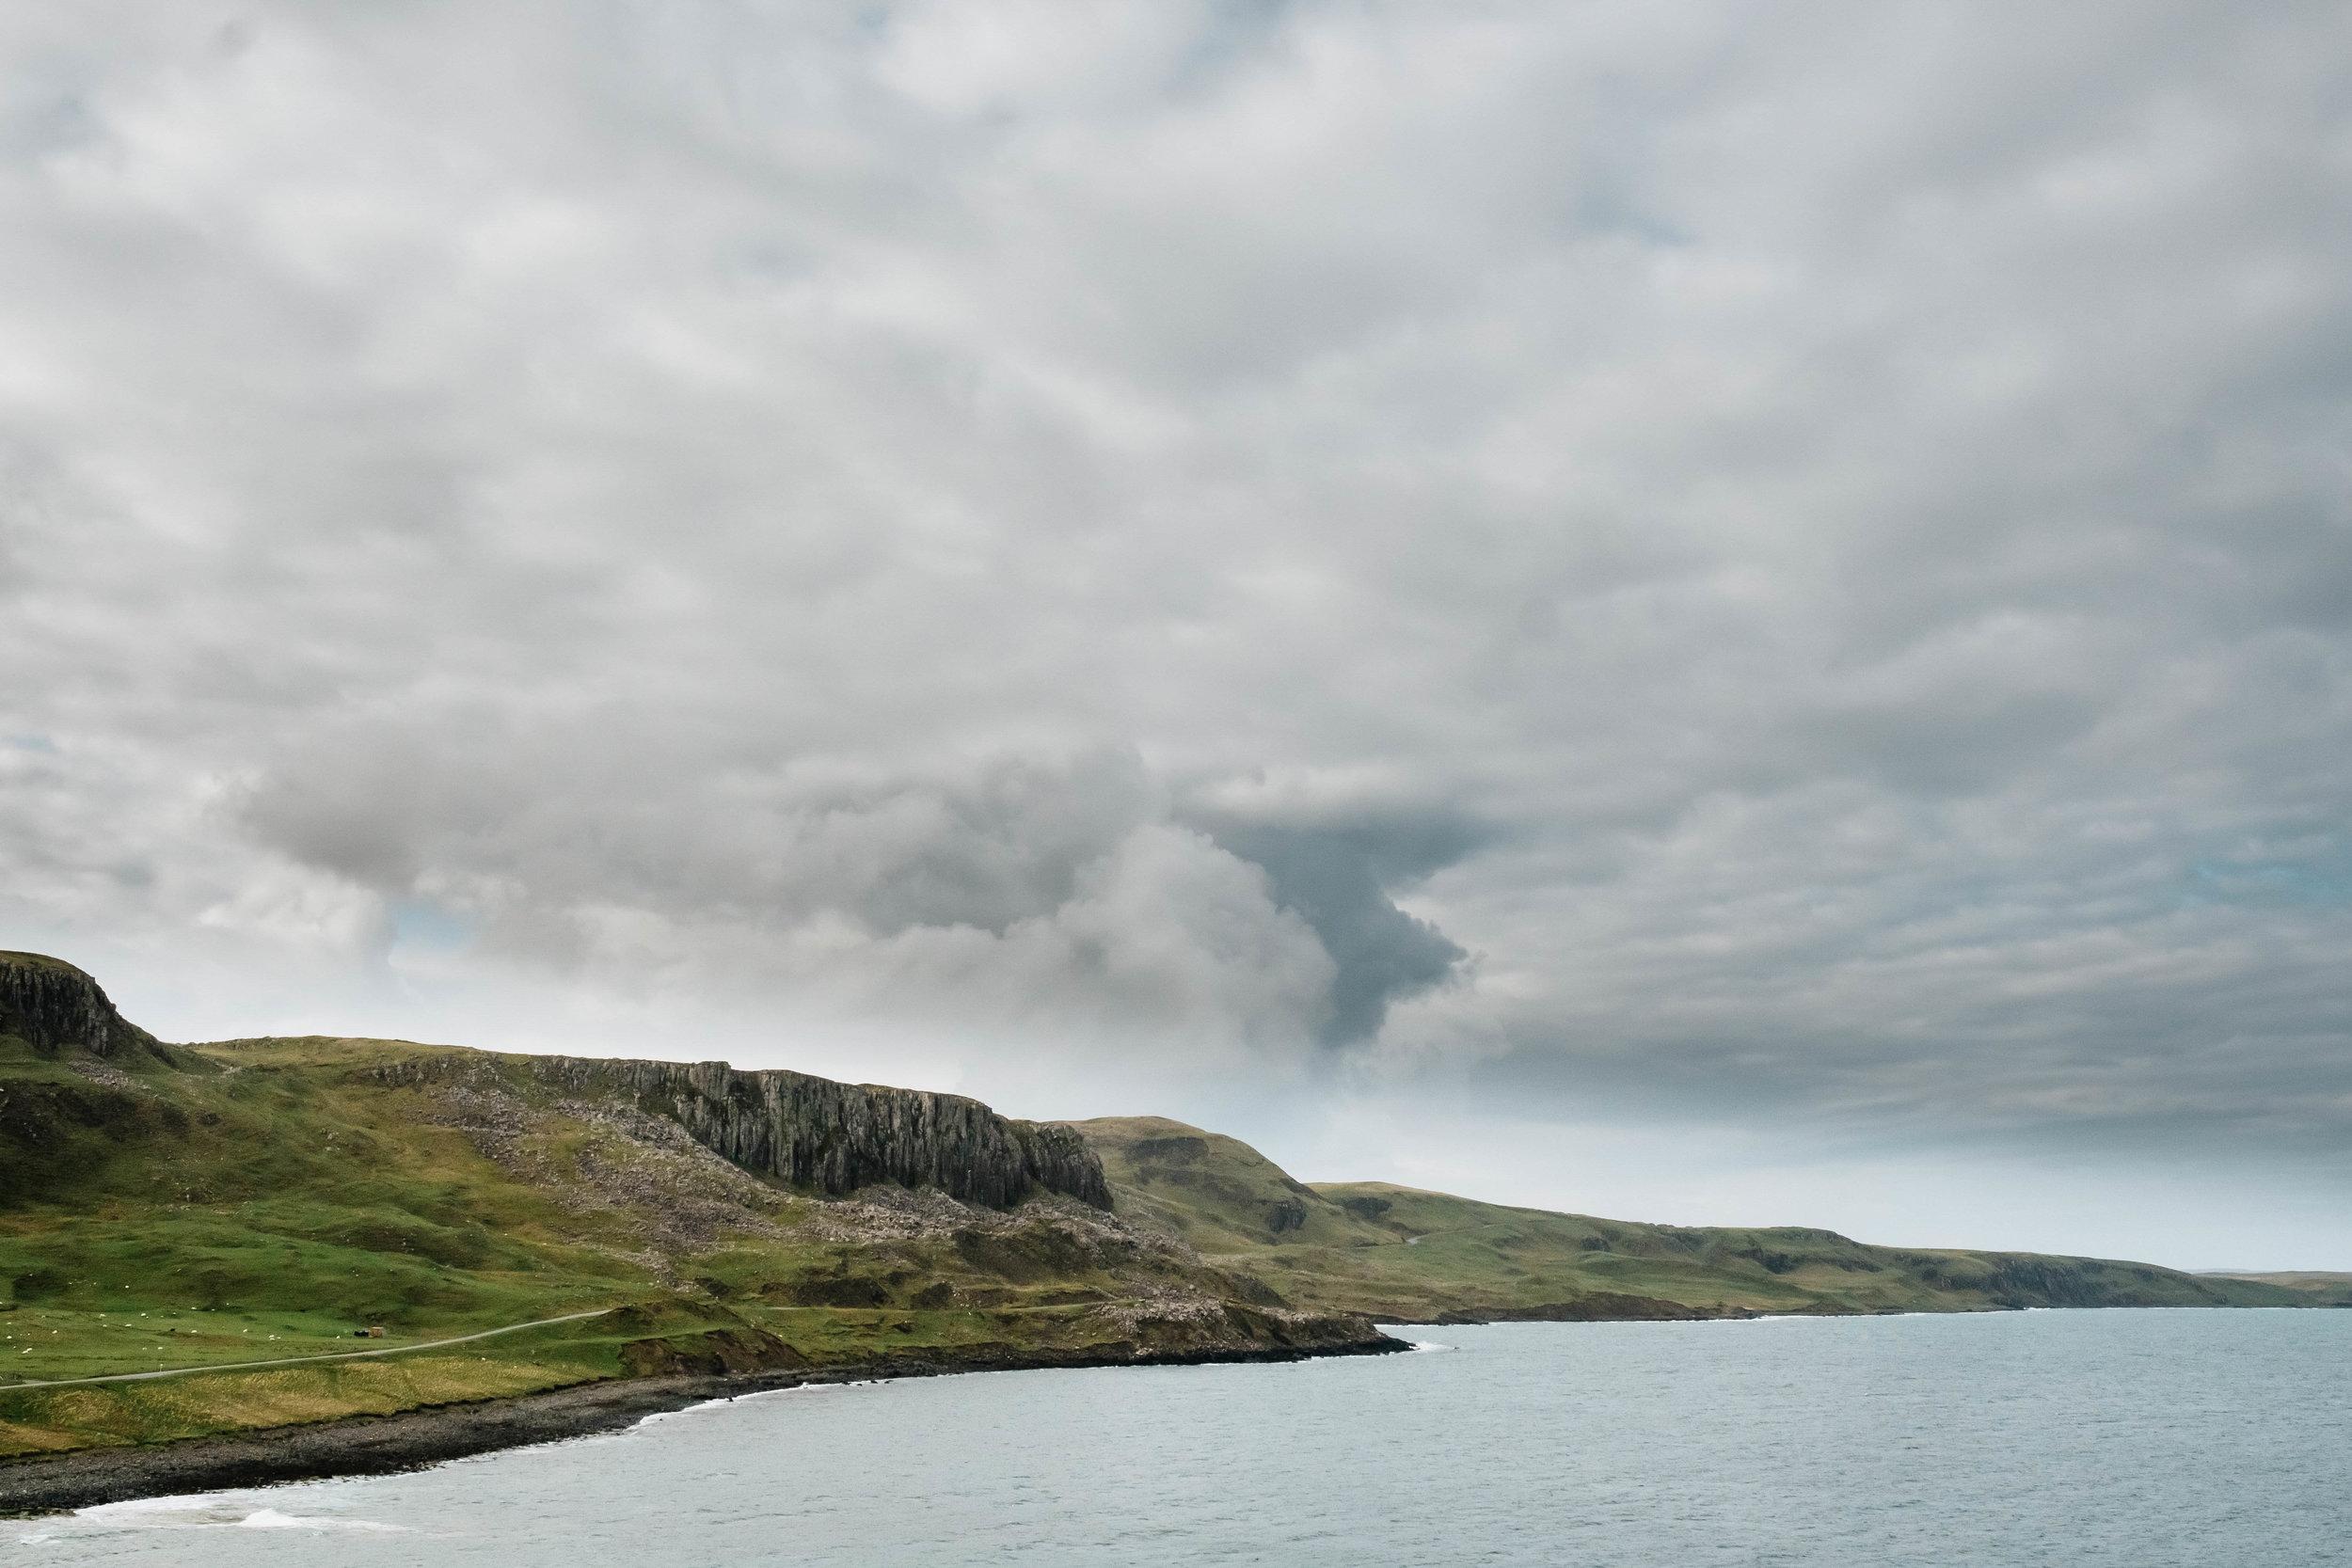 cliffs at sky